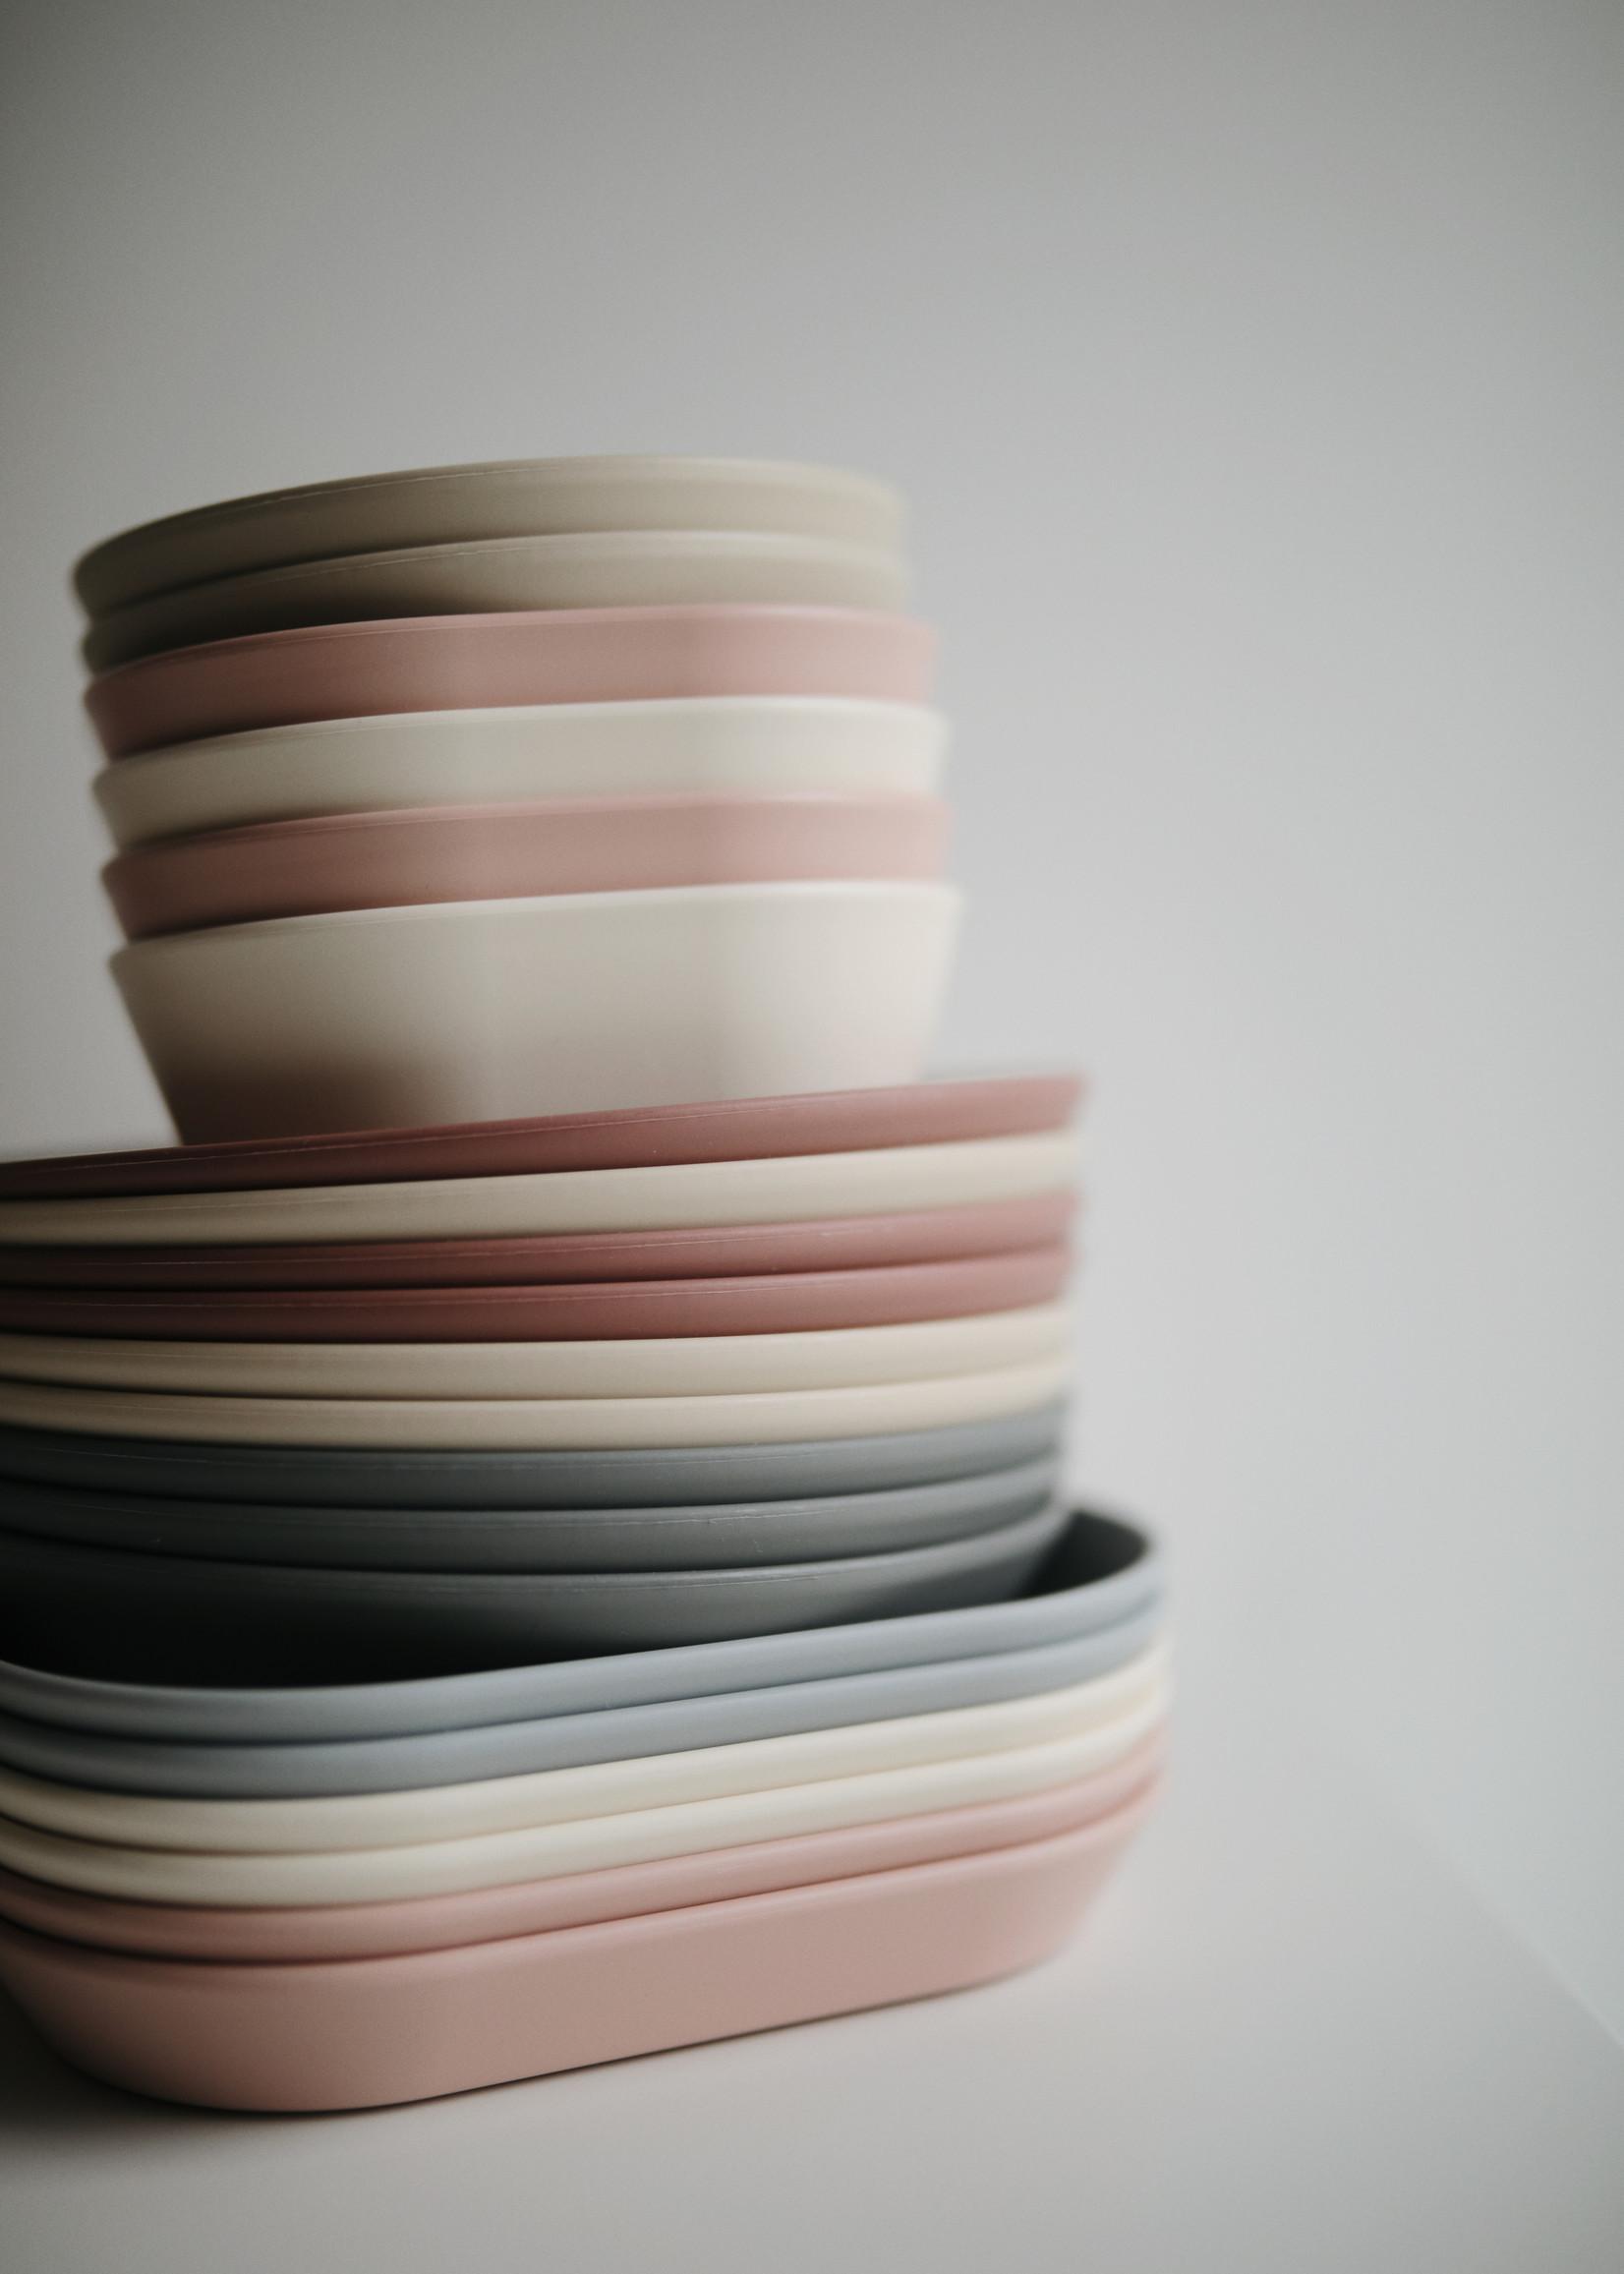 Mushie MUSHIE - Plates Square Blush